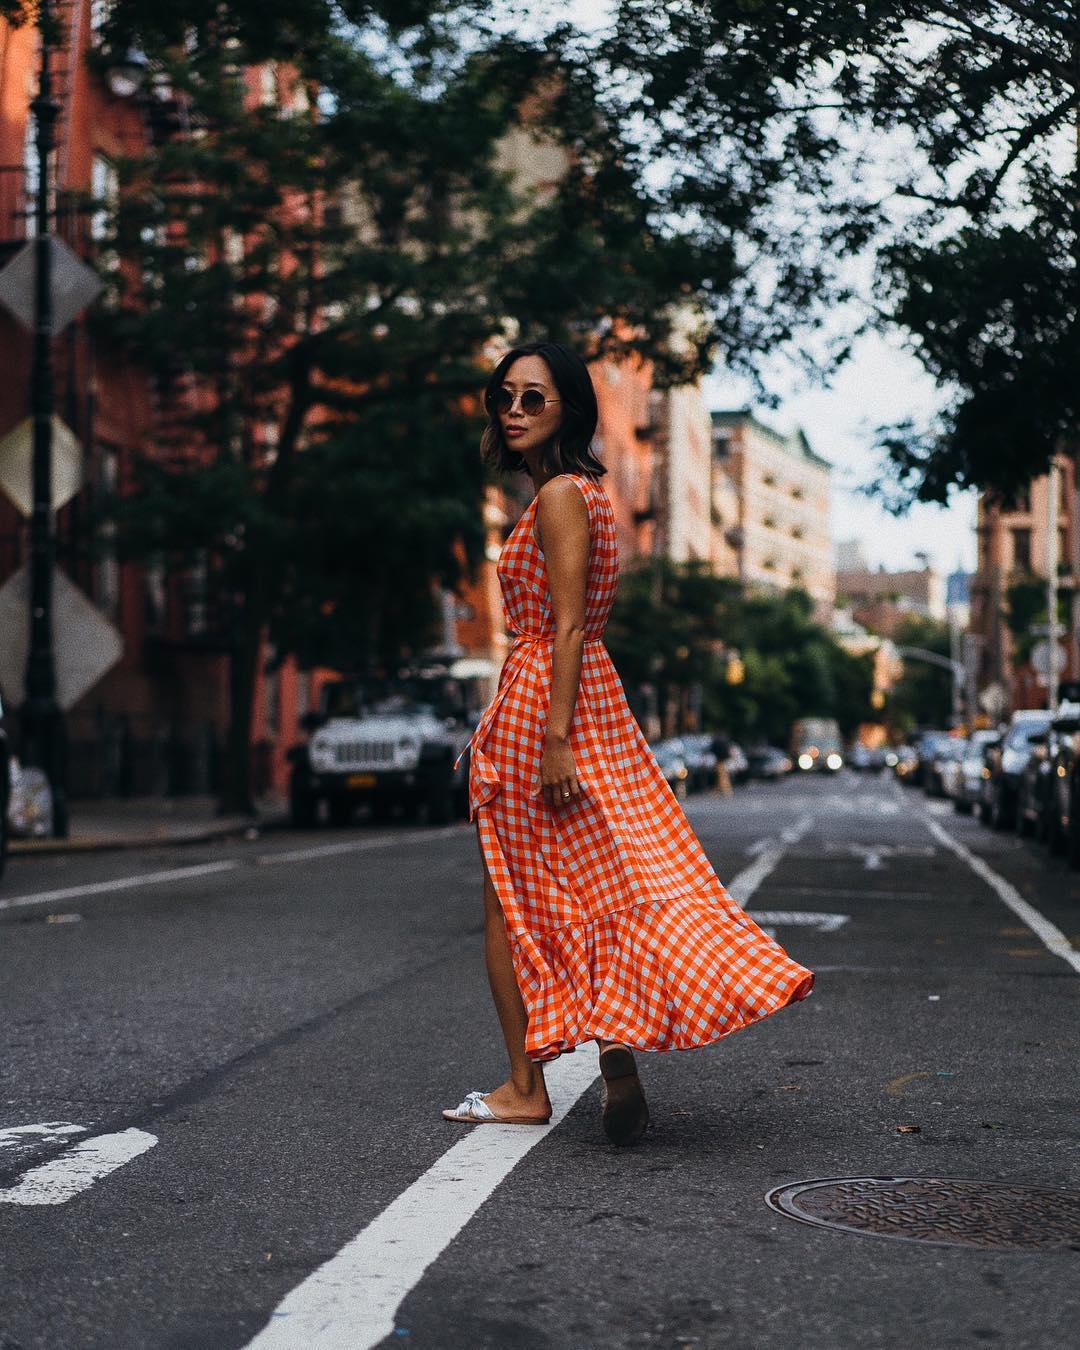 Самые популярные Instagram-аккаунты для девушек, которые любят моду-Фото 1